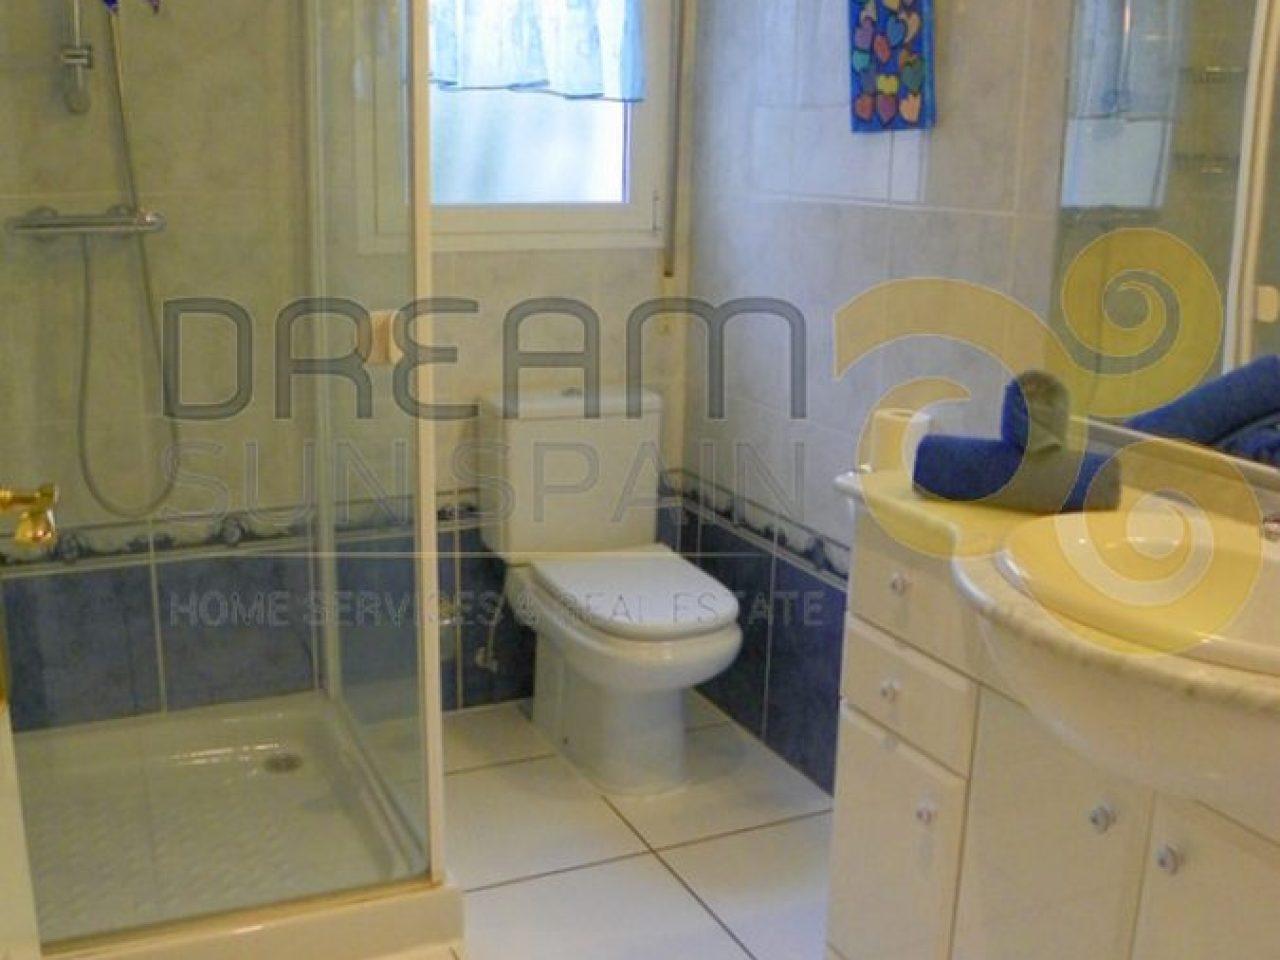 Cuarto de baño con duchaBathroom with shower